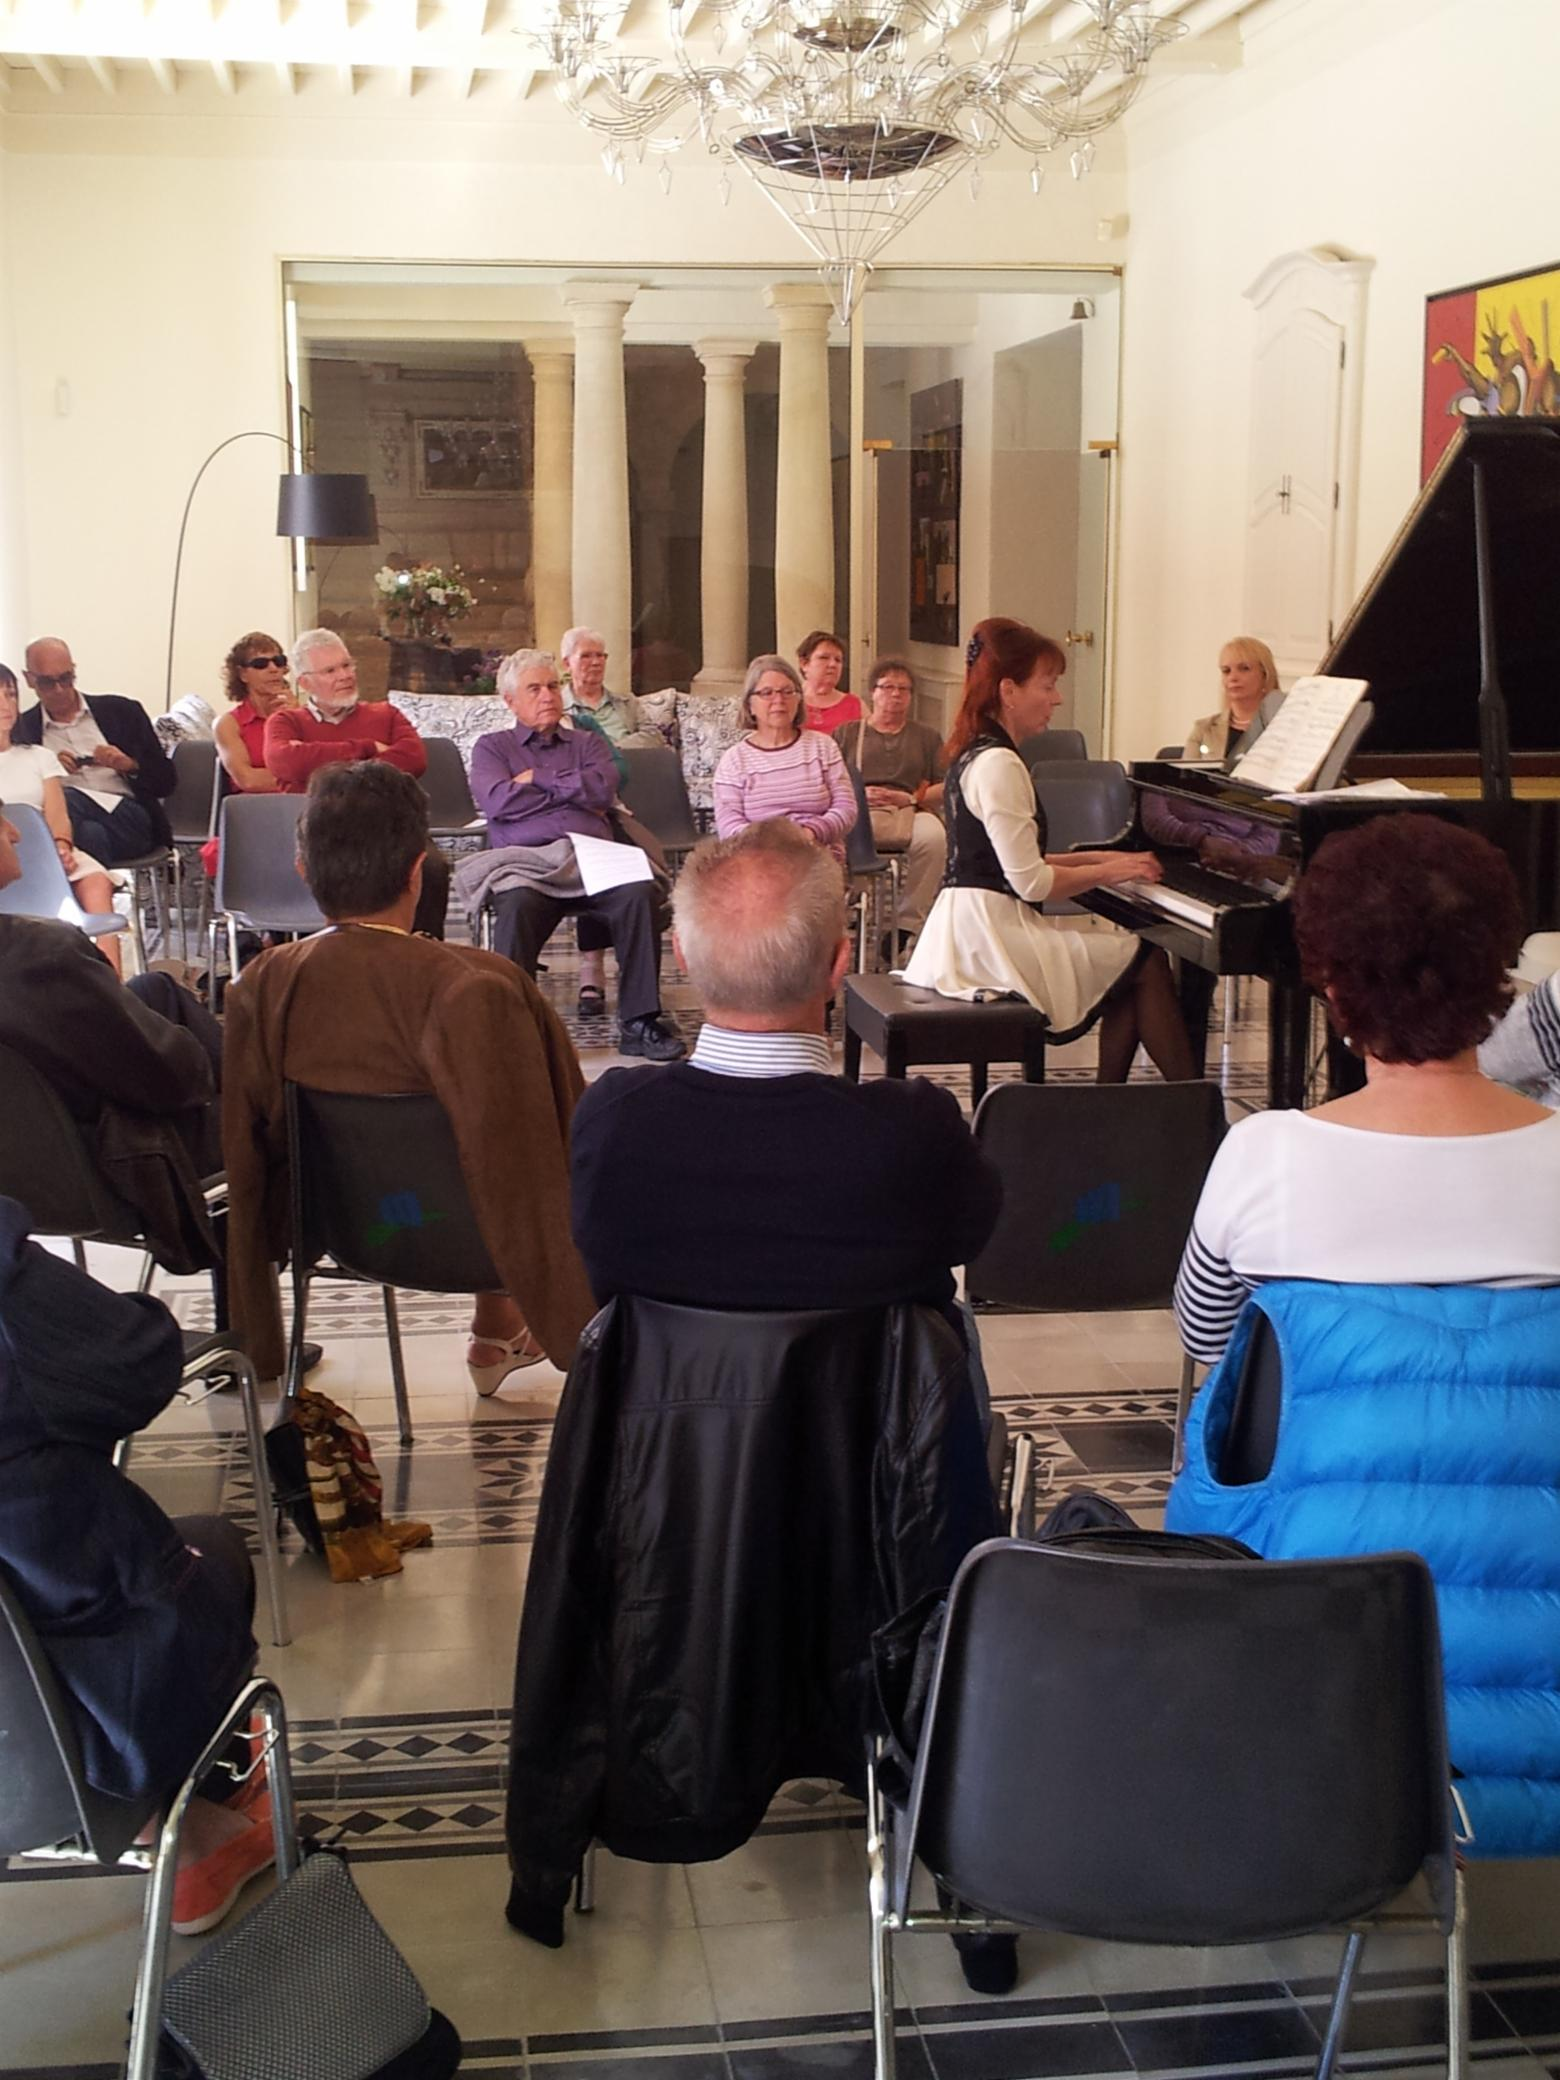 MUSIQUE CLASSIQUE Montagnac Cours particuliers MUSIQUE CLASSIQUE Concert de la musique classique